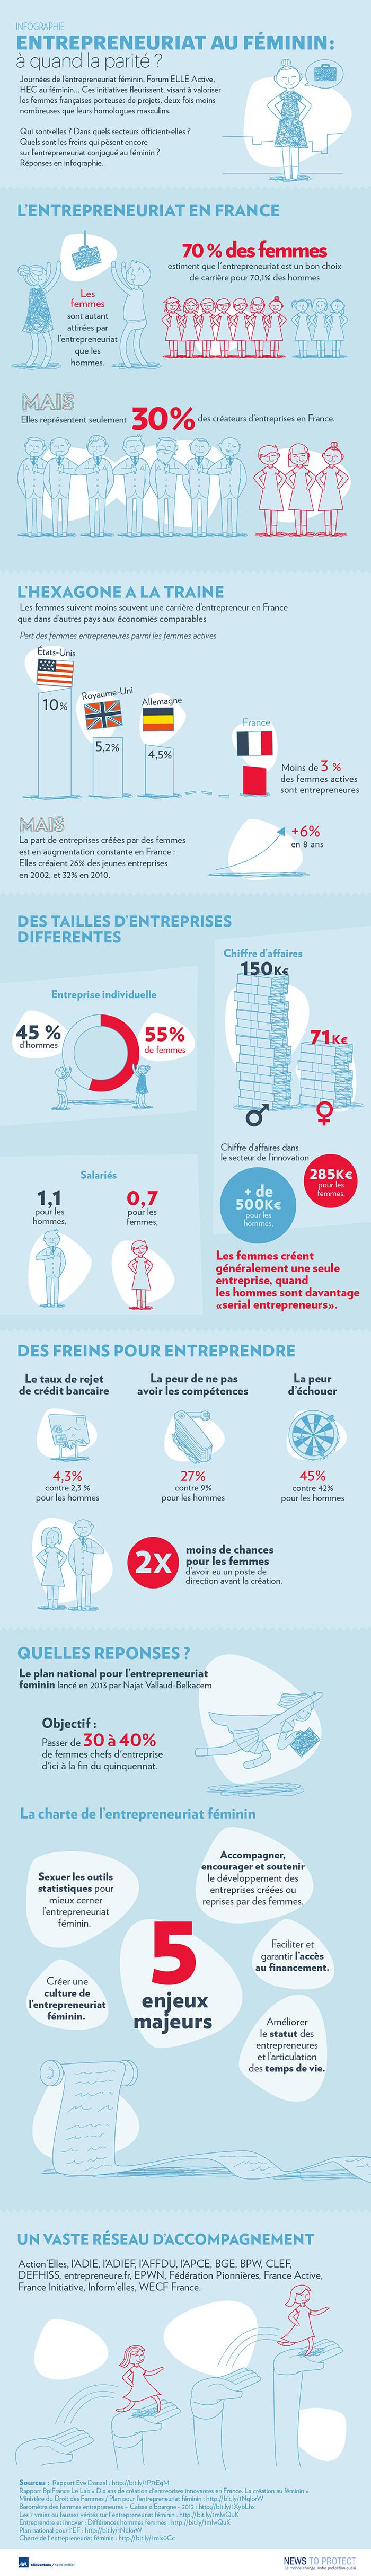 infographie sur l'entrepreneuriat féminin